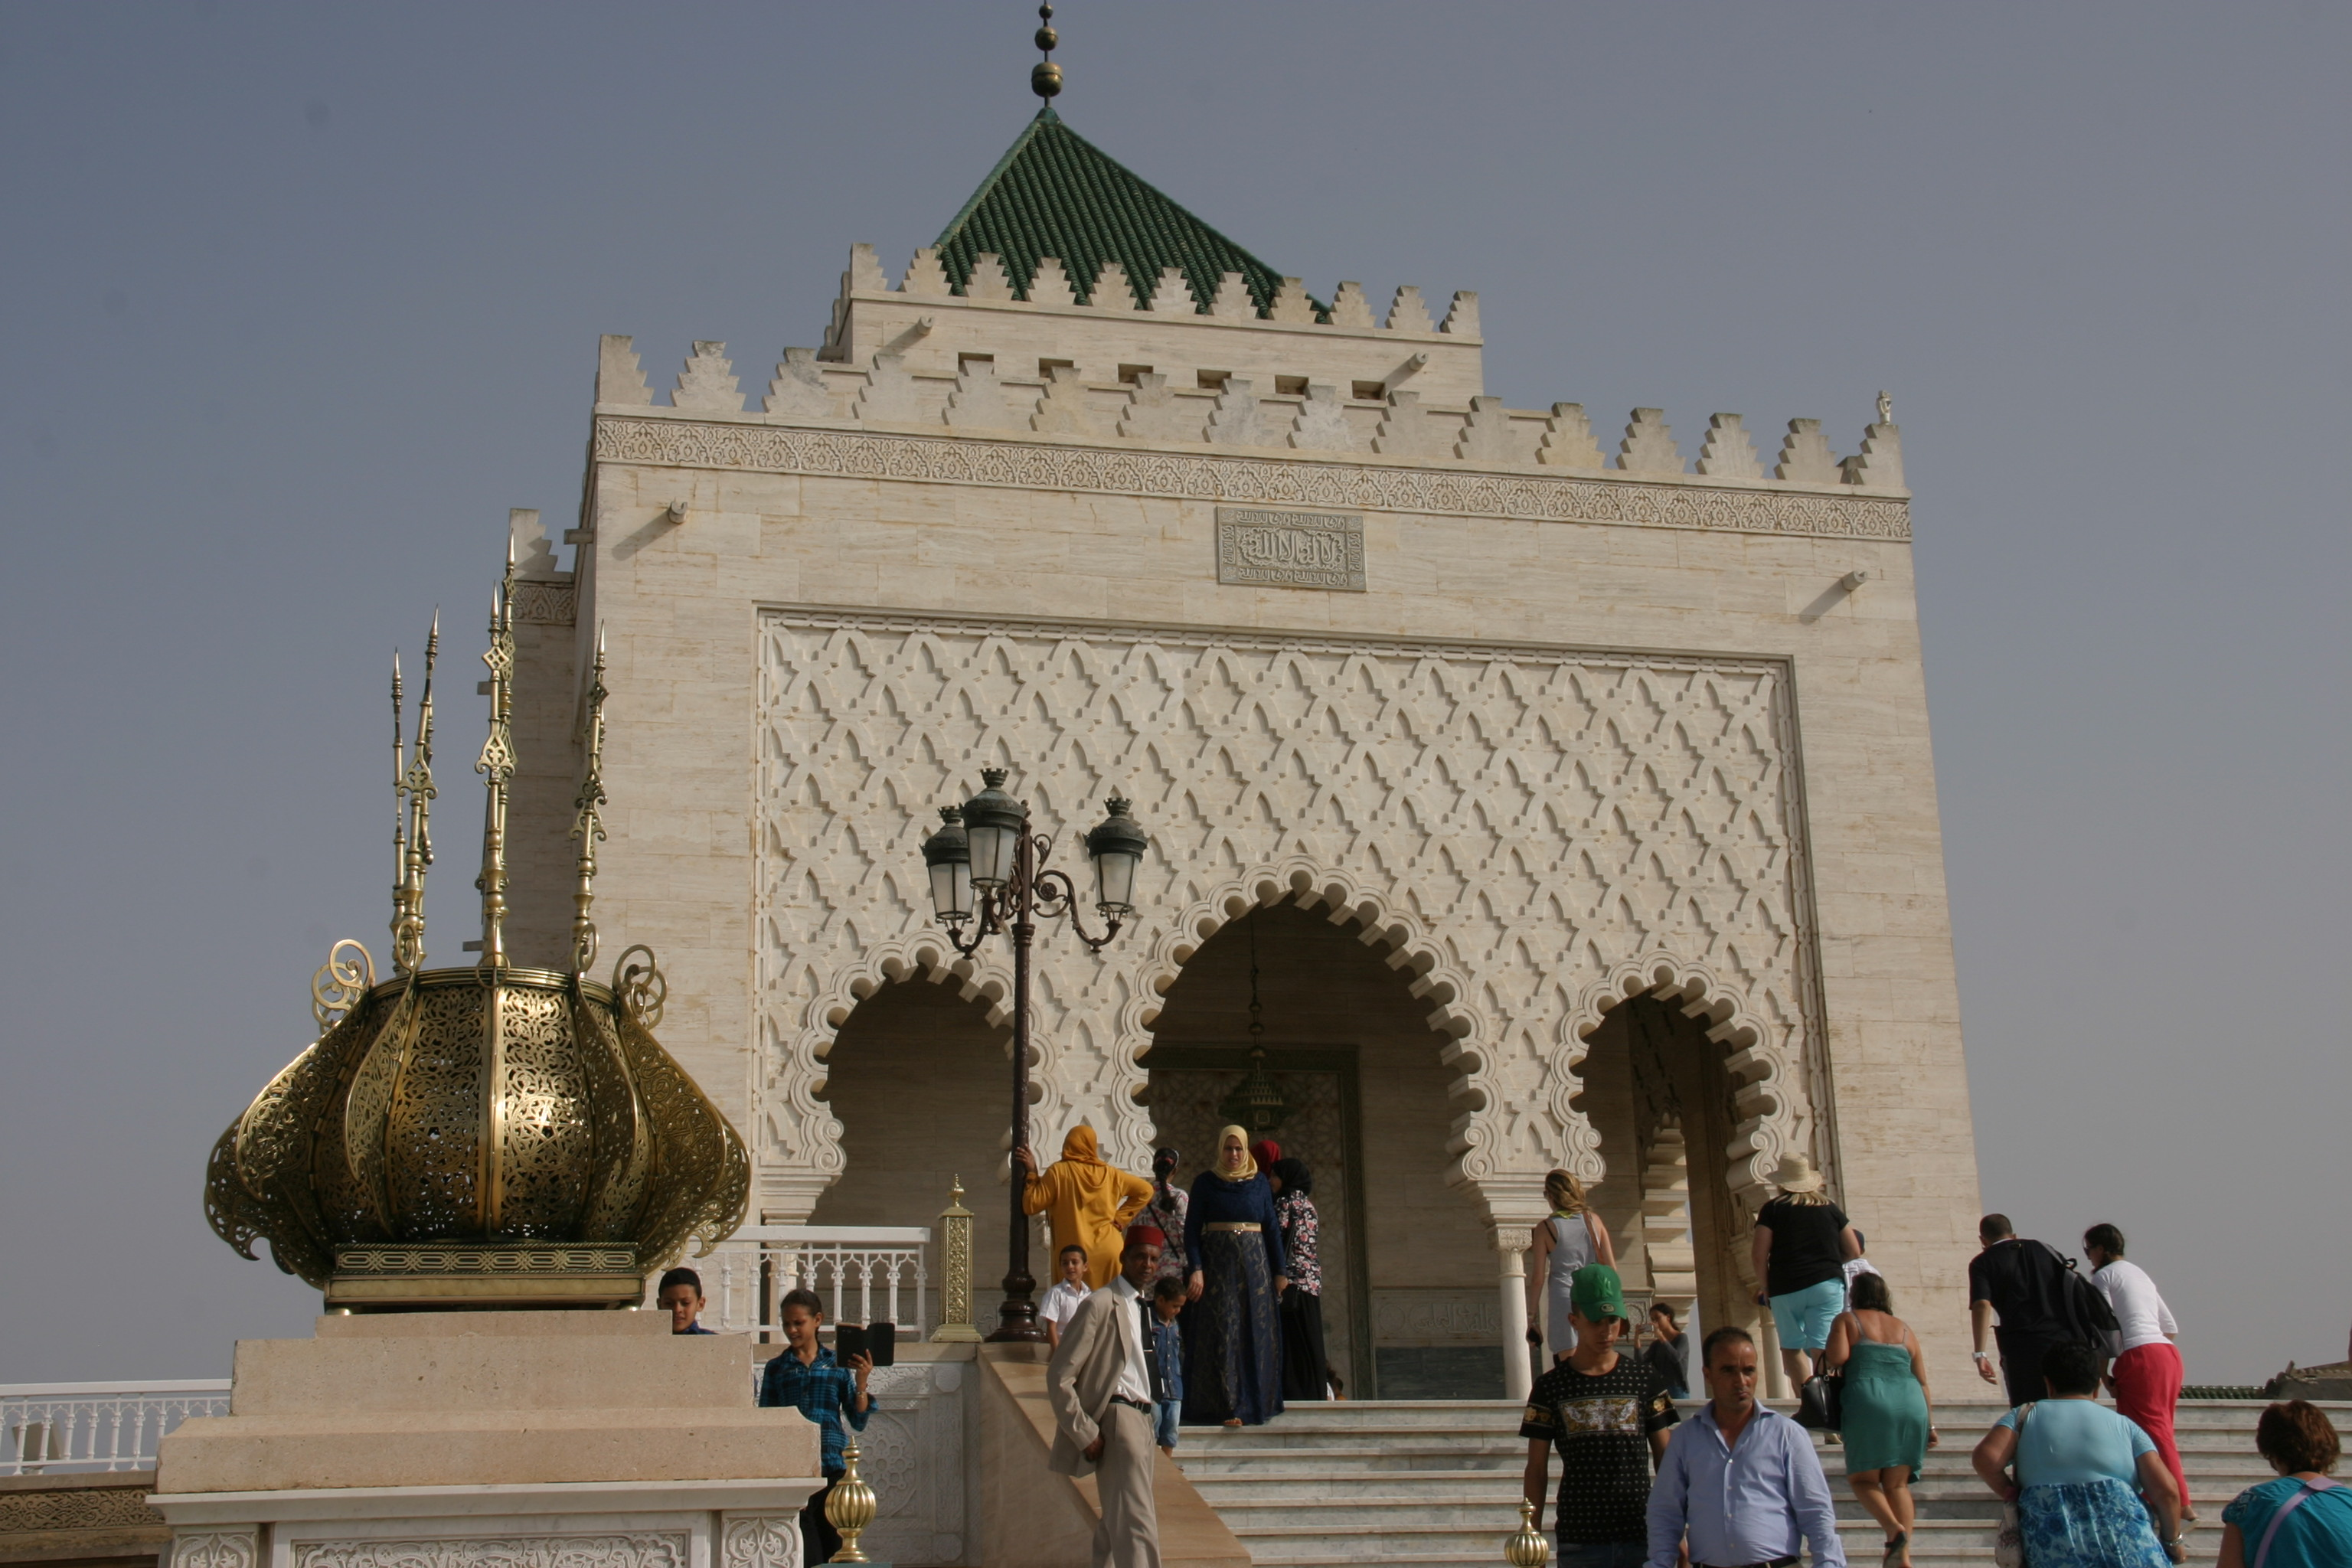 V. Mohamed király, Marokkót a francia és spanyol gyarmati uralom alól függetlenítő uralkodó mauzóleuma Rabatban. <br />A jelenlegi Alavita dinasztia (17. sz-óta uralja az országot) az Idrisz és Szádi dinasztiákhoz hasonlóan szintén Mohamed próféta leszármazottja: a próféta lányának Fatimának és férjének Alinak a vérvonala.